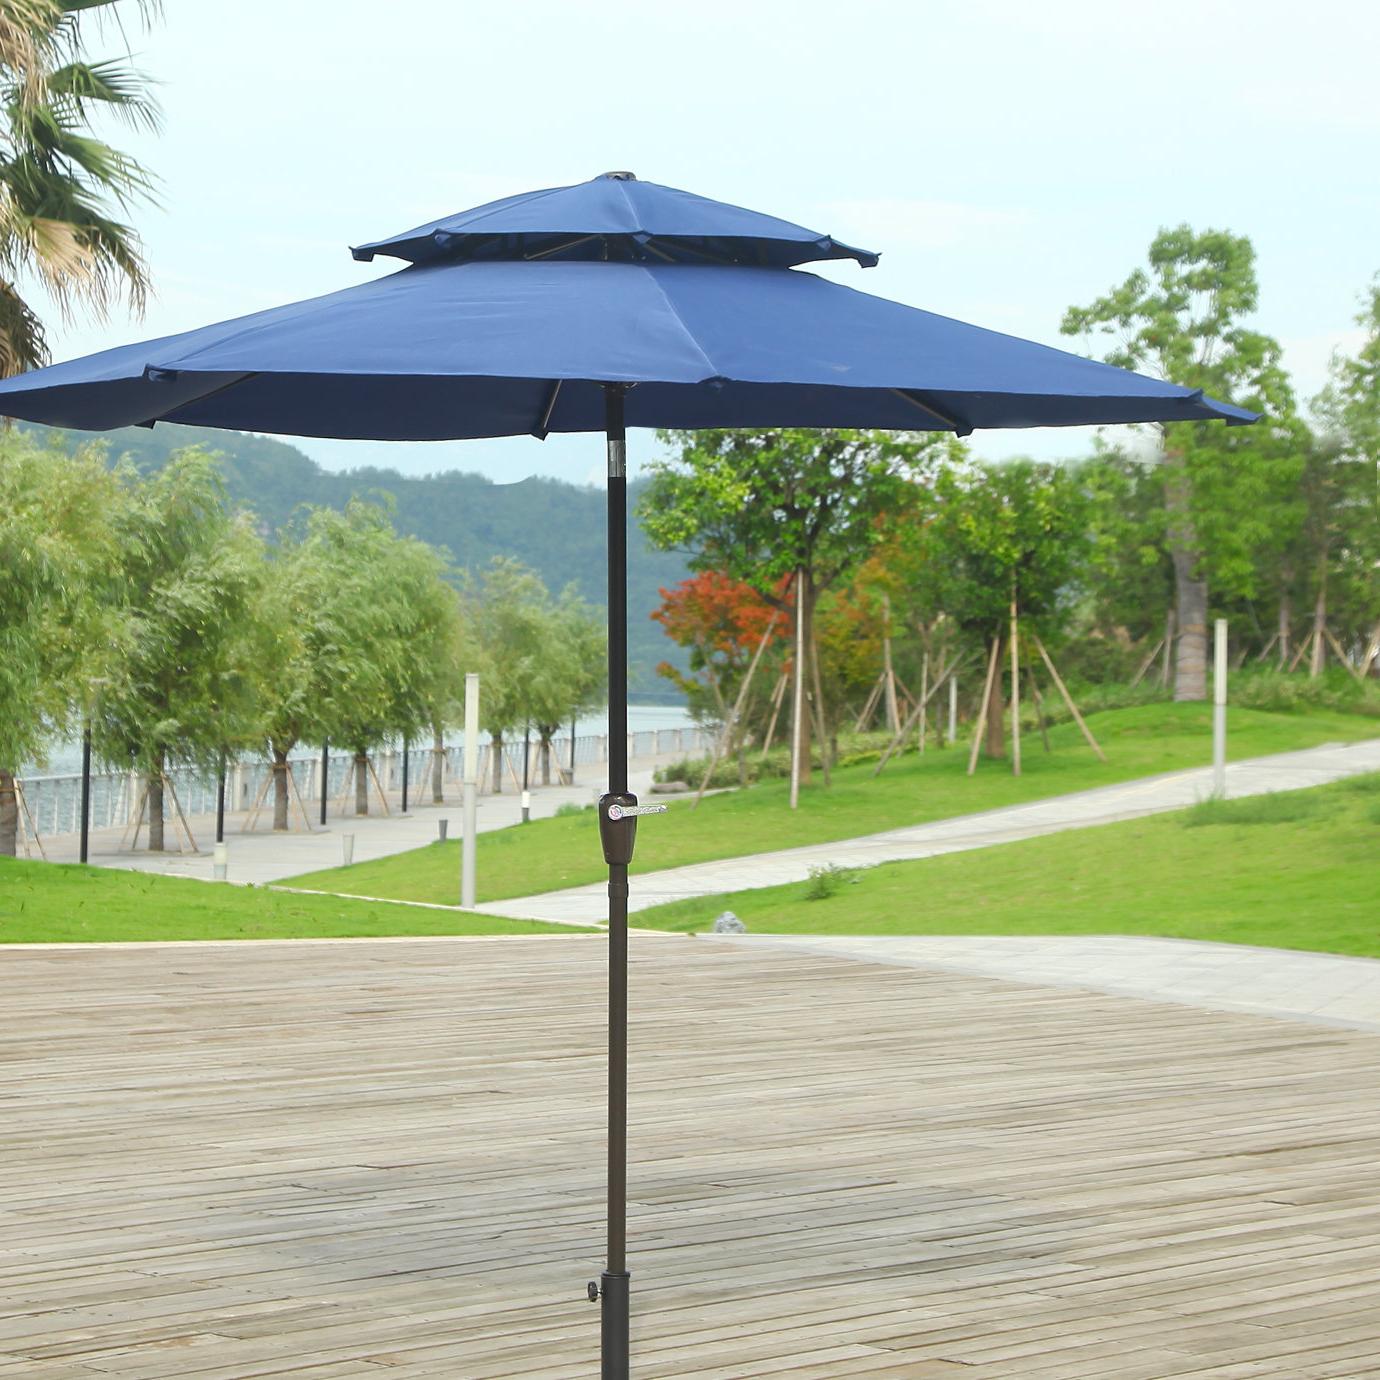 Dimond 9' Market Umbrella Pertaining To Current Lizarraga Market Umbrellas (Gallery 8 of 20)